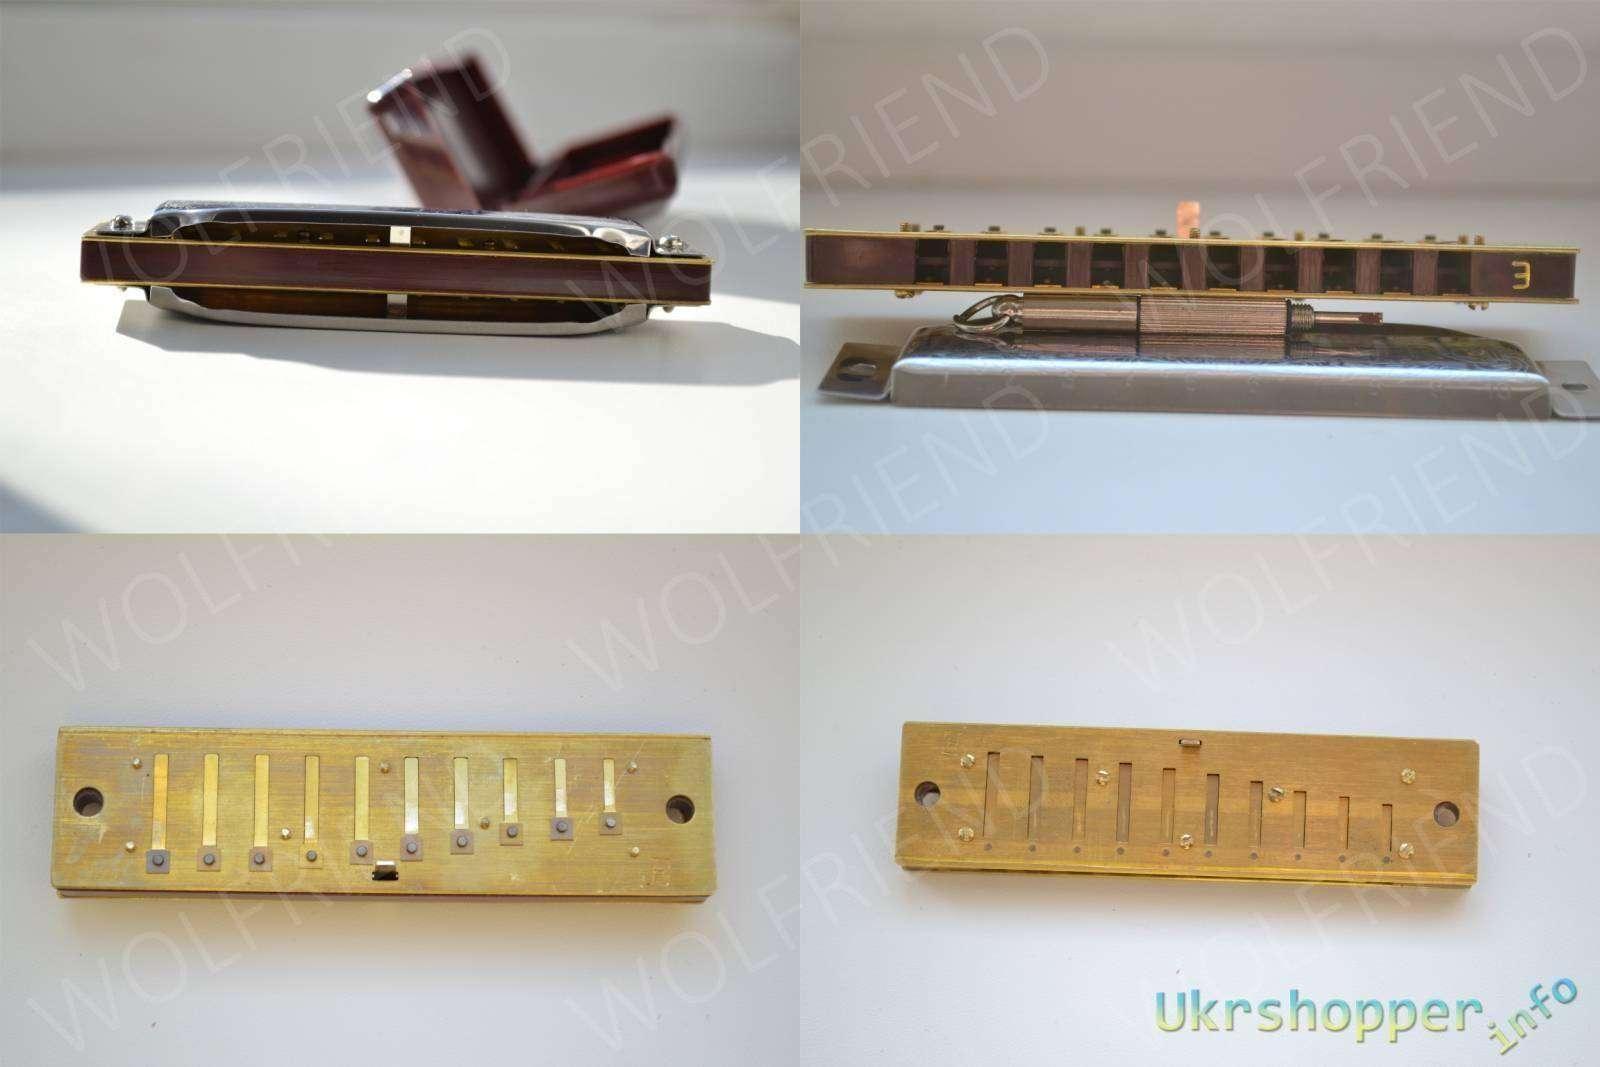 Banggood: Музыкант с гармошкой, поиграй немножко, или губная гармошка SUZUKI 1072 Harmonica